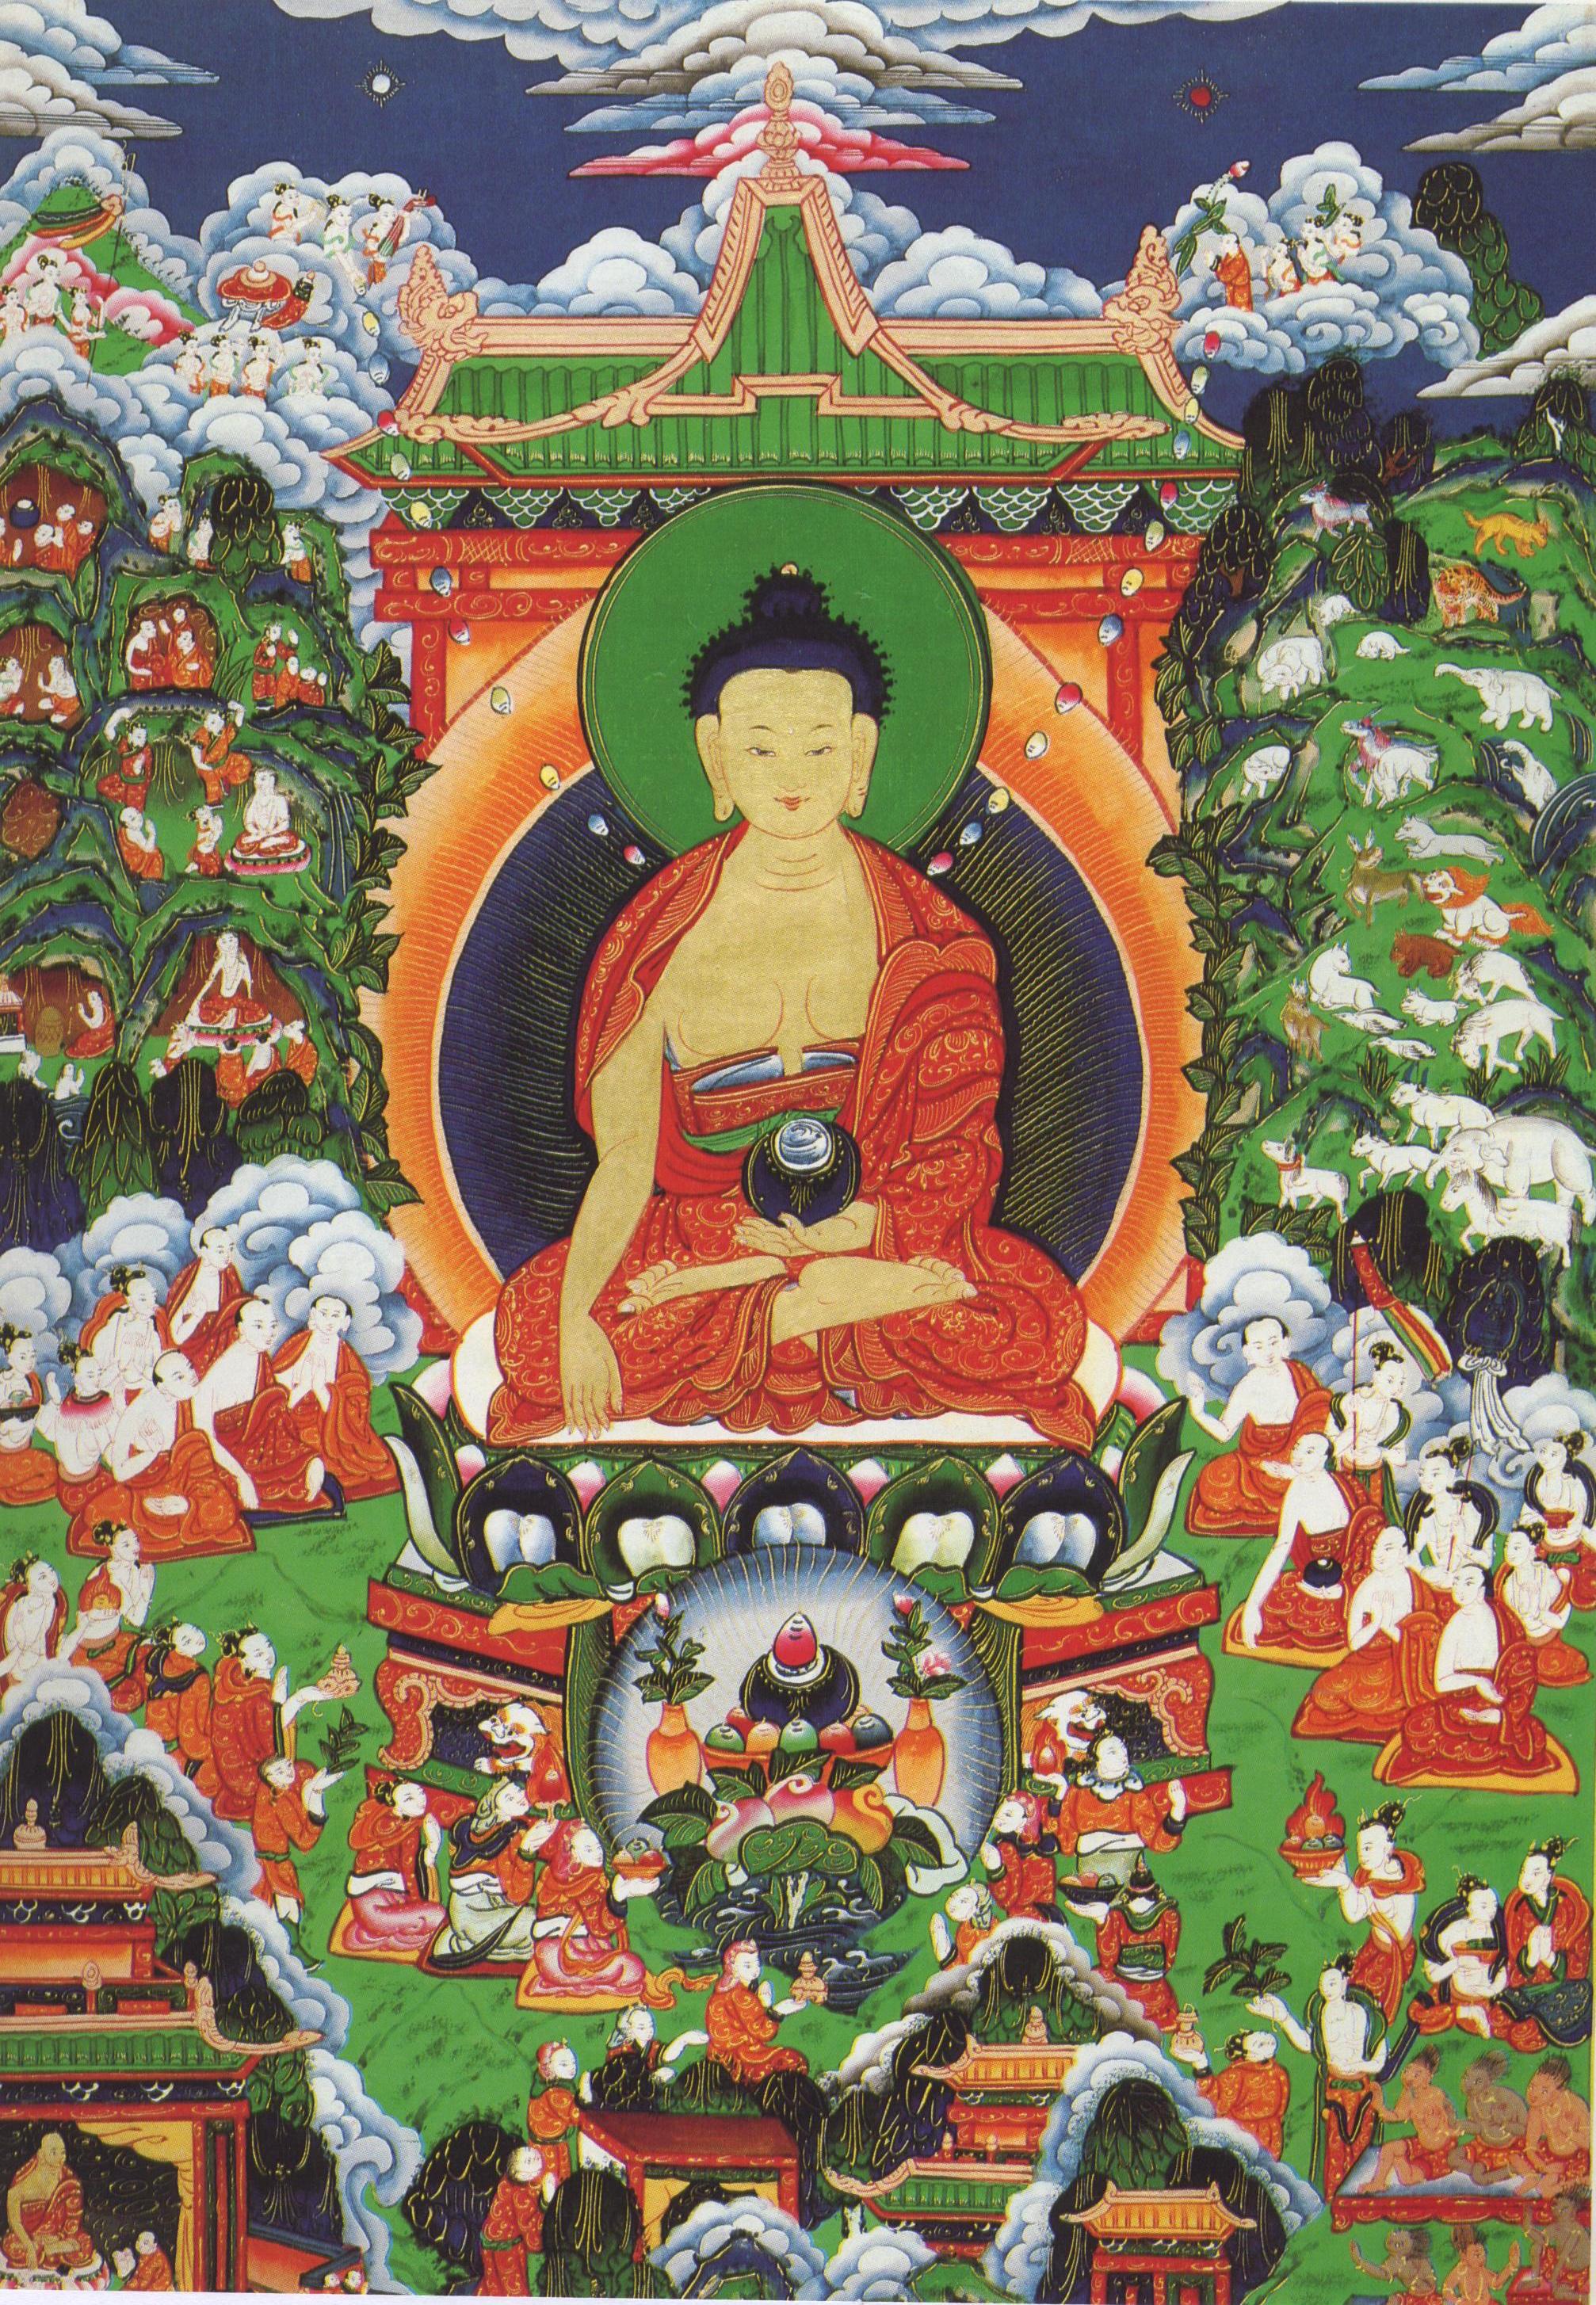 Dhammapada 372: Non c'è meditazione senza conoscenza, né conoscenza senza meditazione. Chi le possiede entrambe è vicinissimo al nirvana.